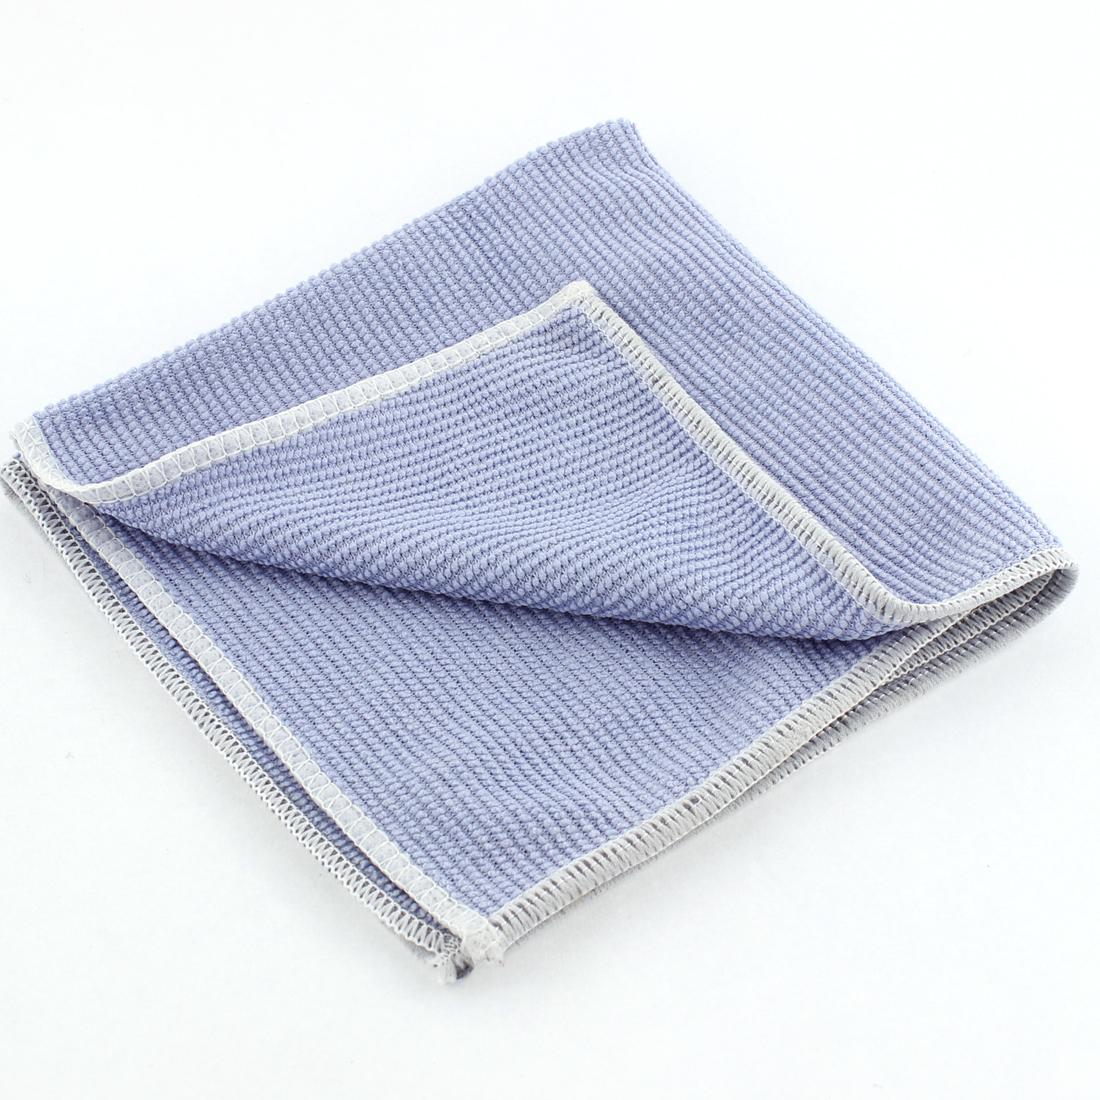 Car Auto Window Glass Anti-fog Towel Cloth Clothing Blue 27cm x 27cm